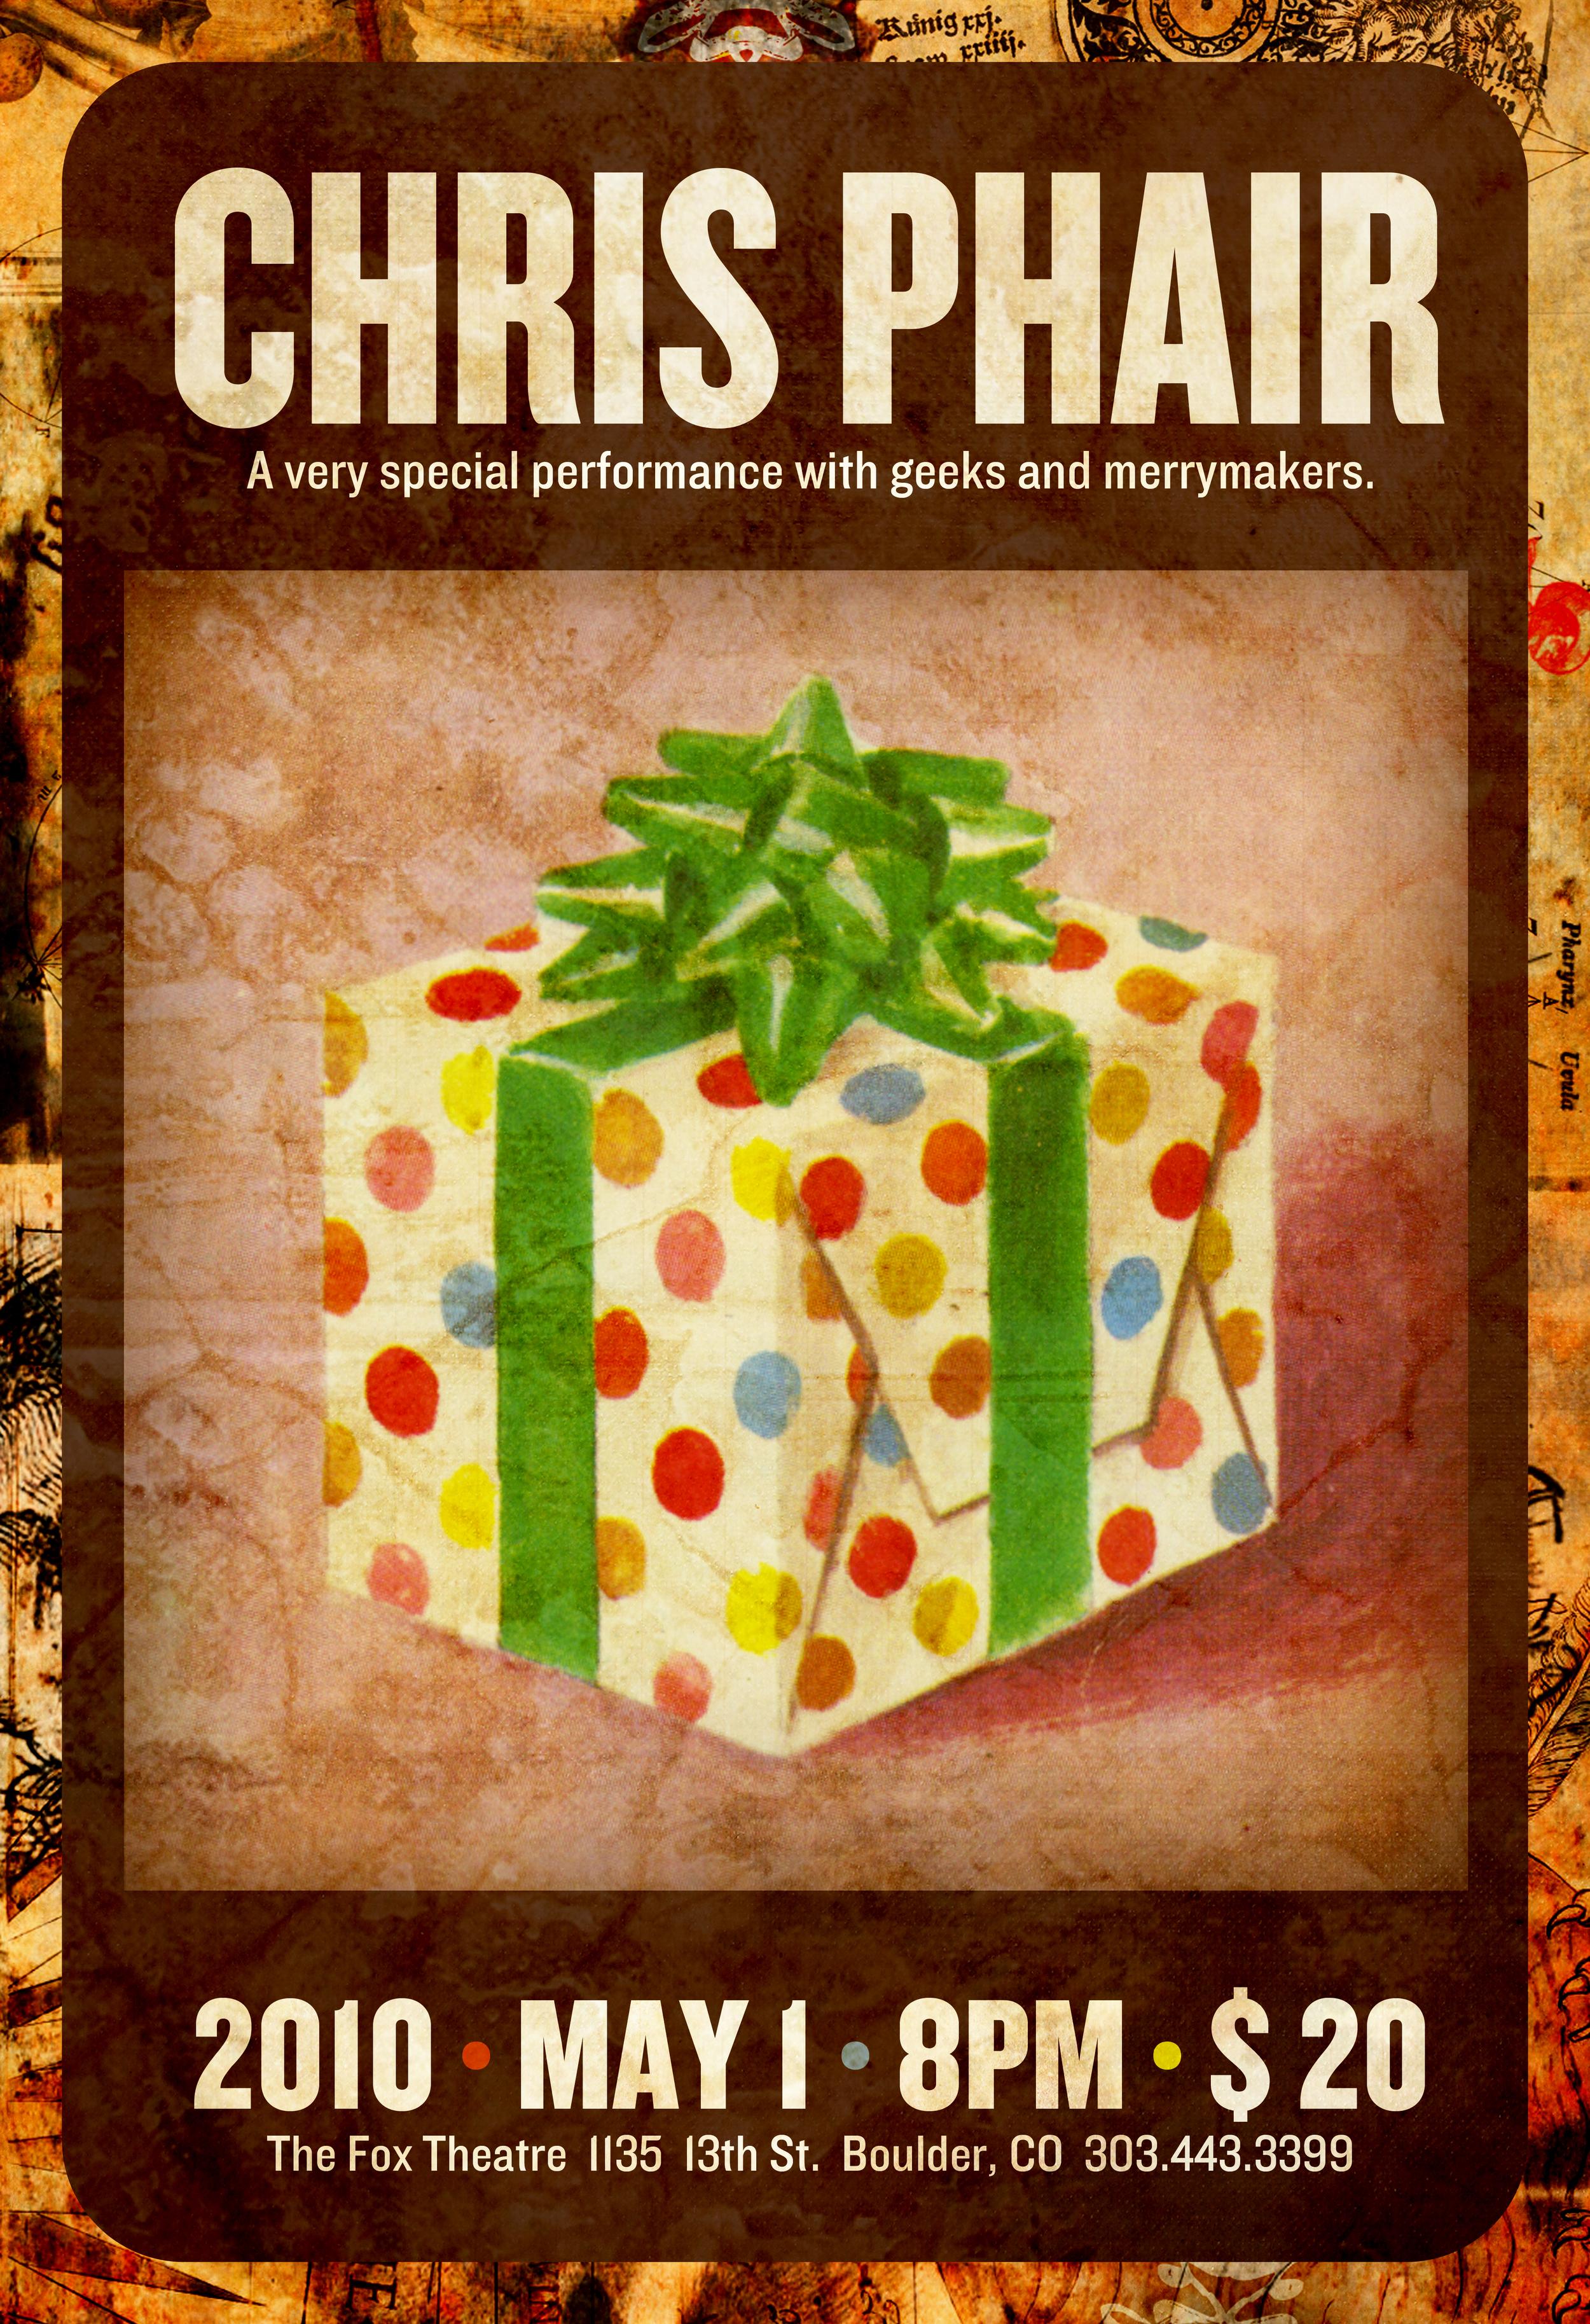 Phair_poster_gift.jpg